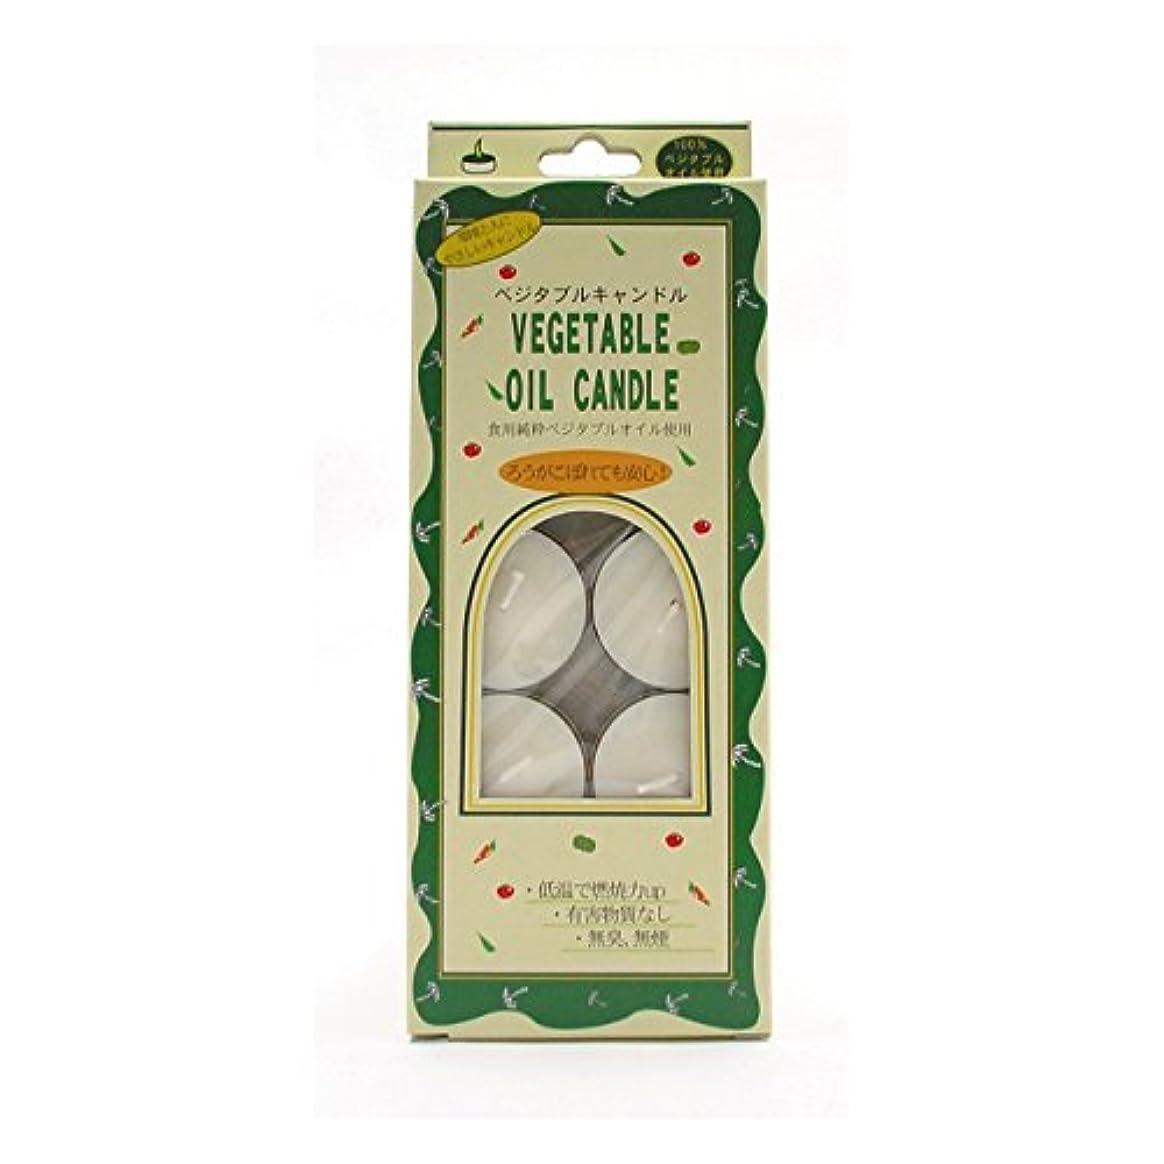 配置立方体エラーベジタブルティーライトキャンドル 10個入(1個あたり燃焼時間約3時間半 純植物性ろうそく)